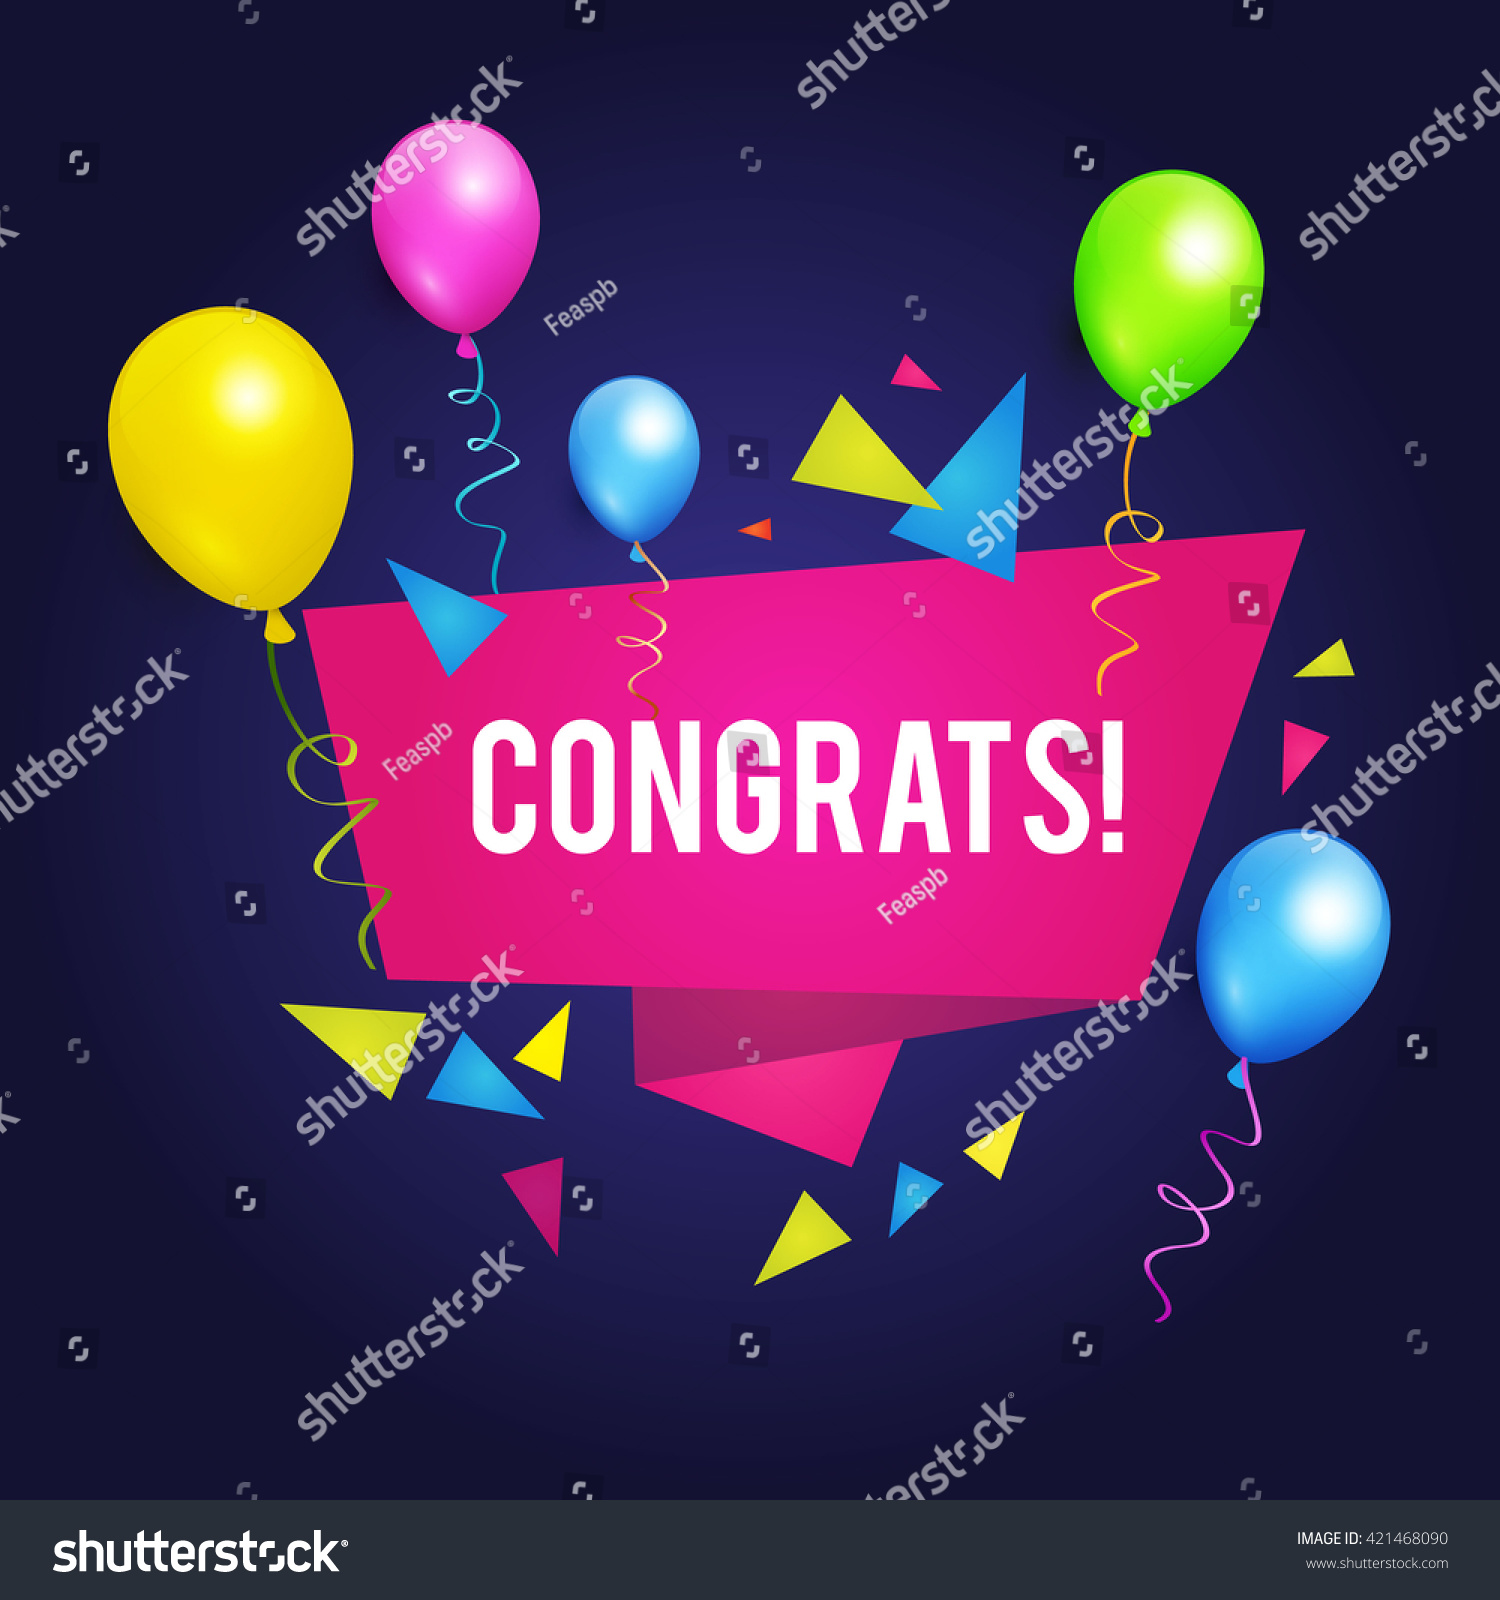 Congrats Congratulations Banner Balloons Win Birthday Stock Vector